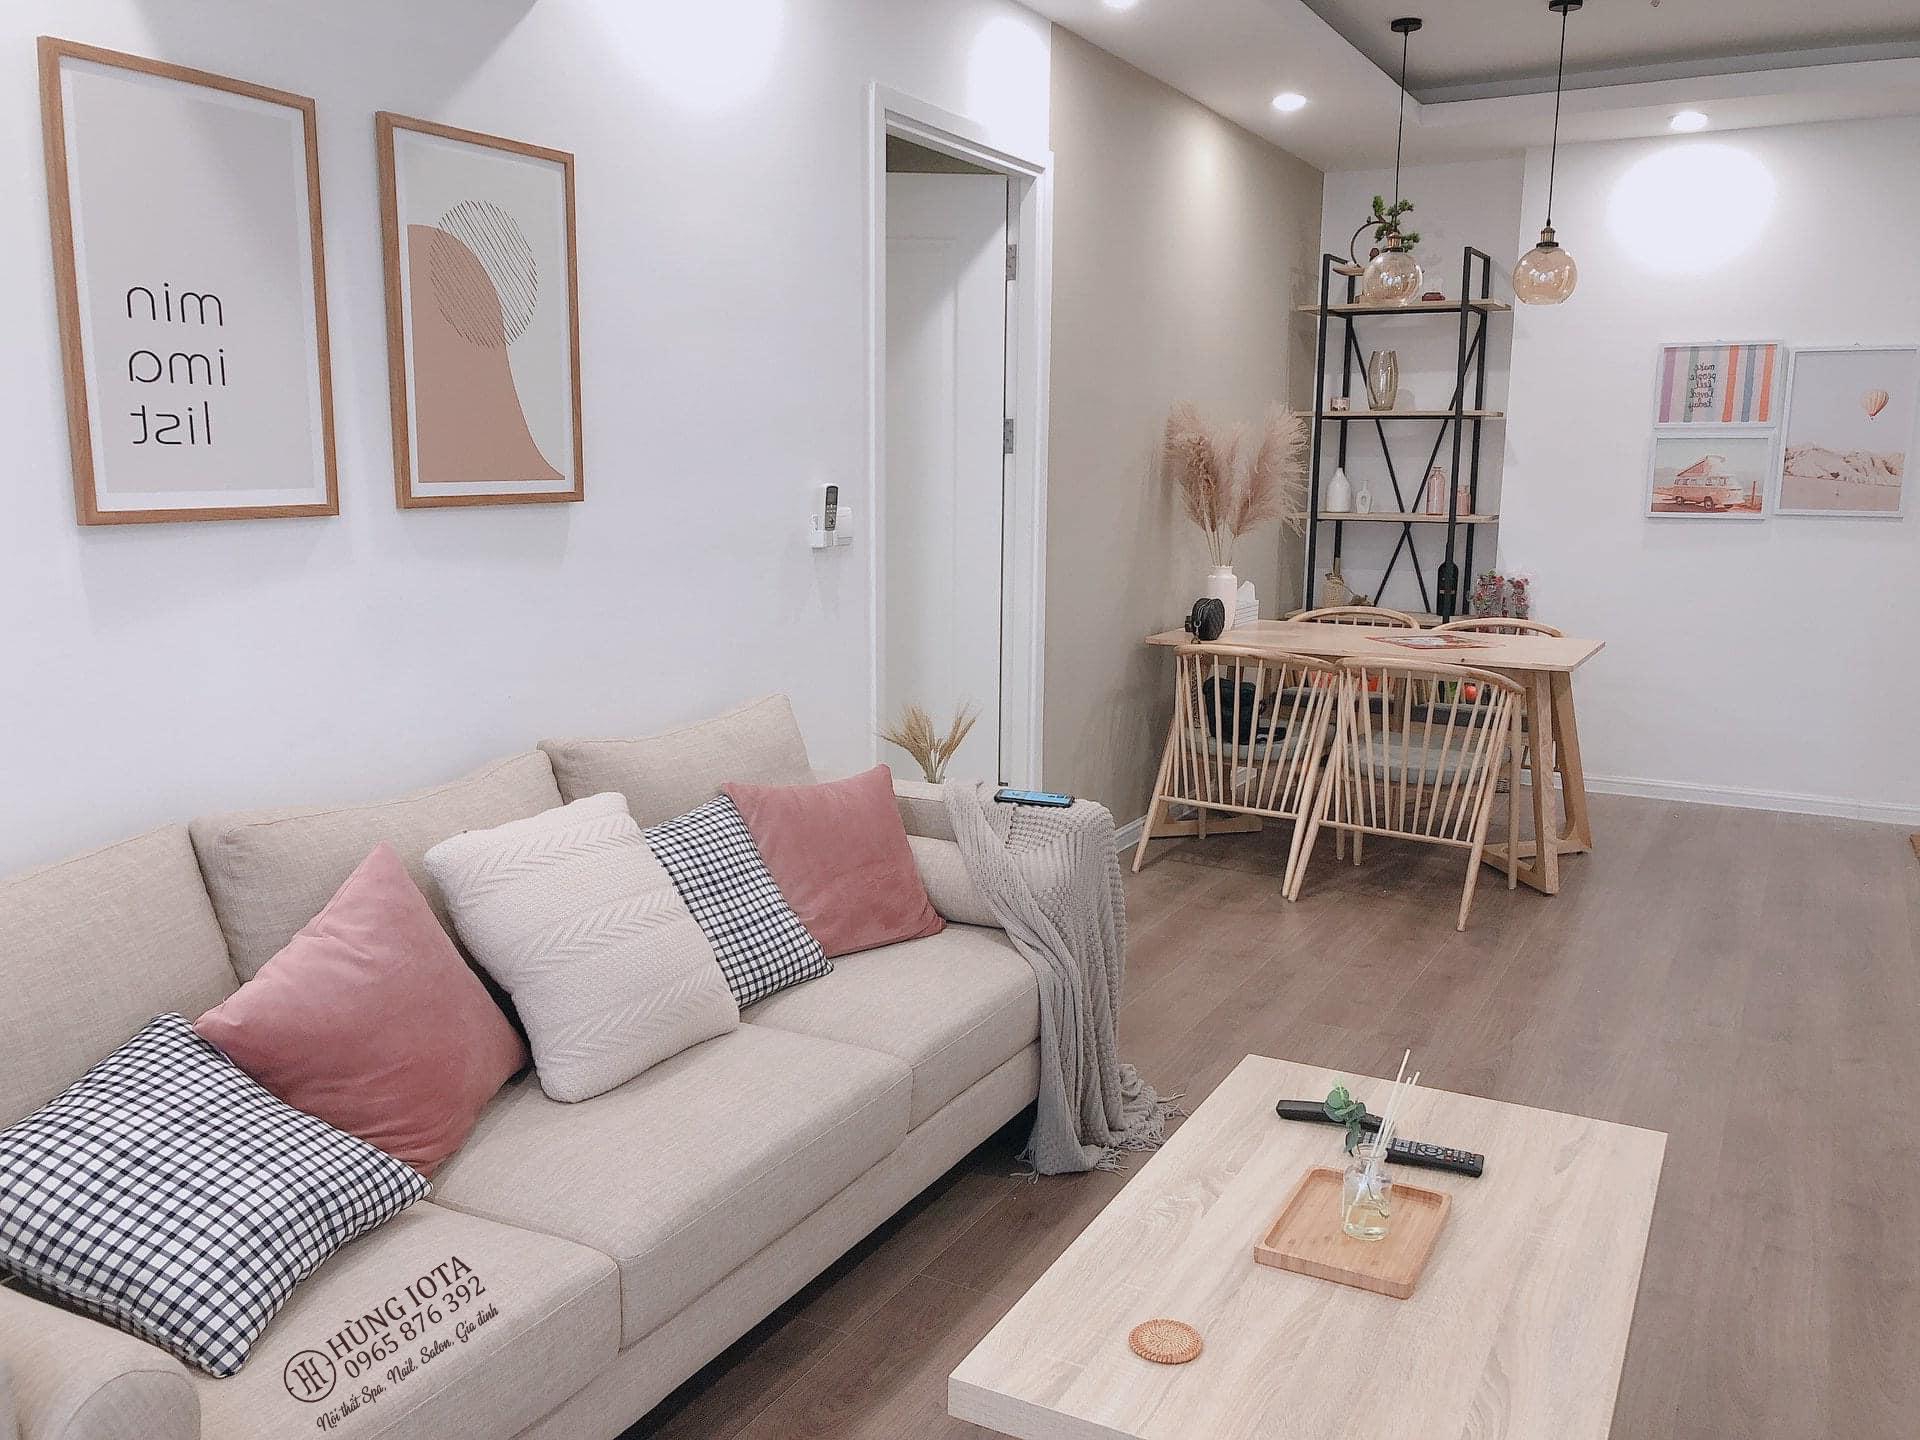 Sofa decor cho chung cư đẹp giá rẻ đơn giản